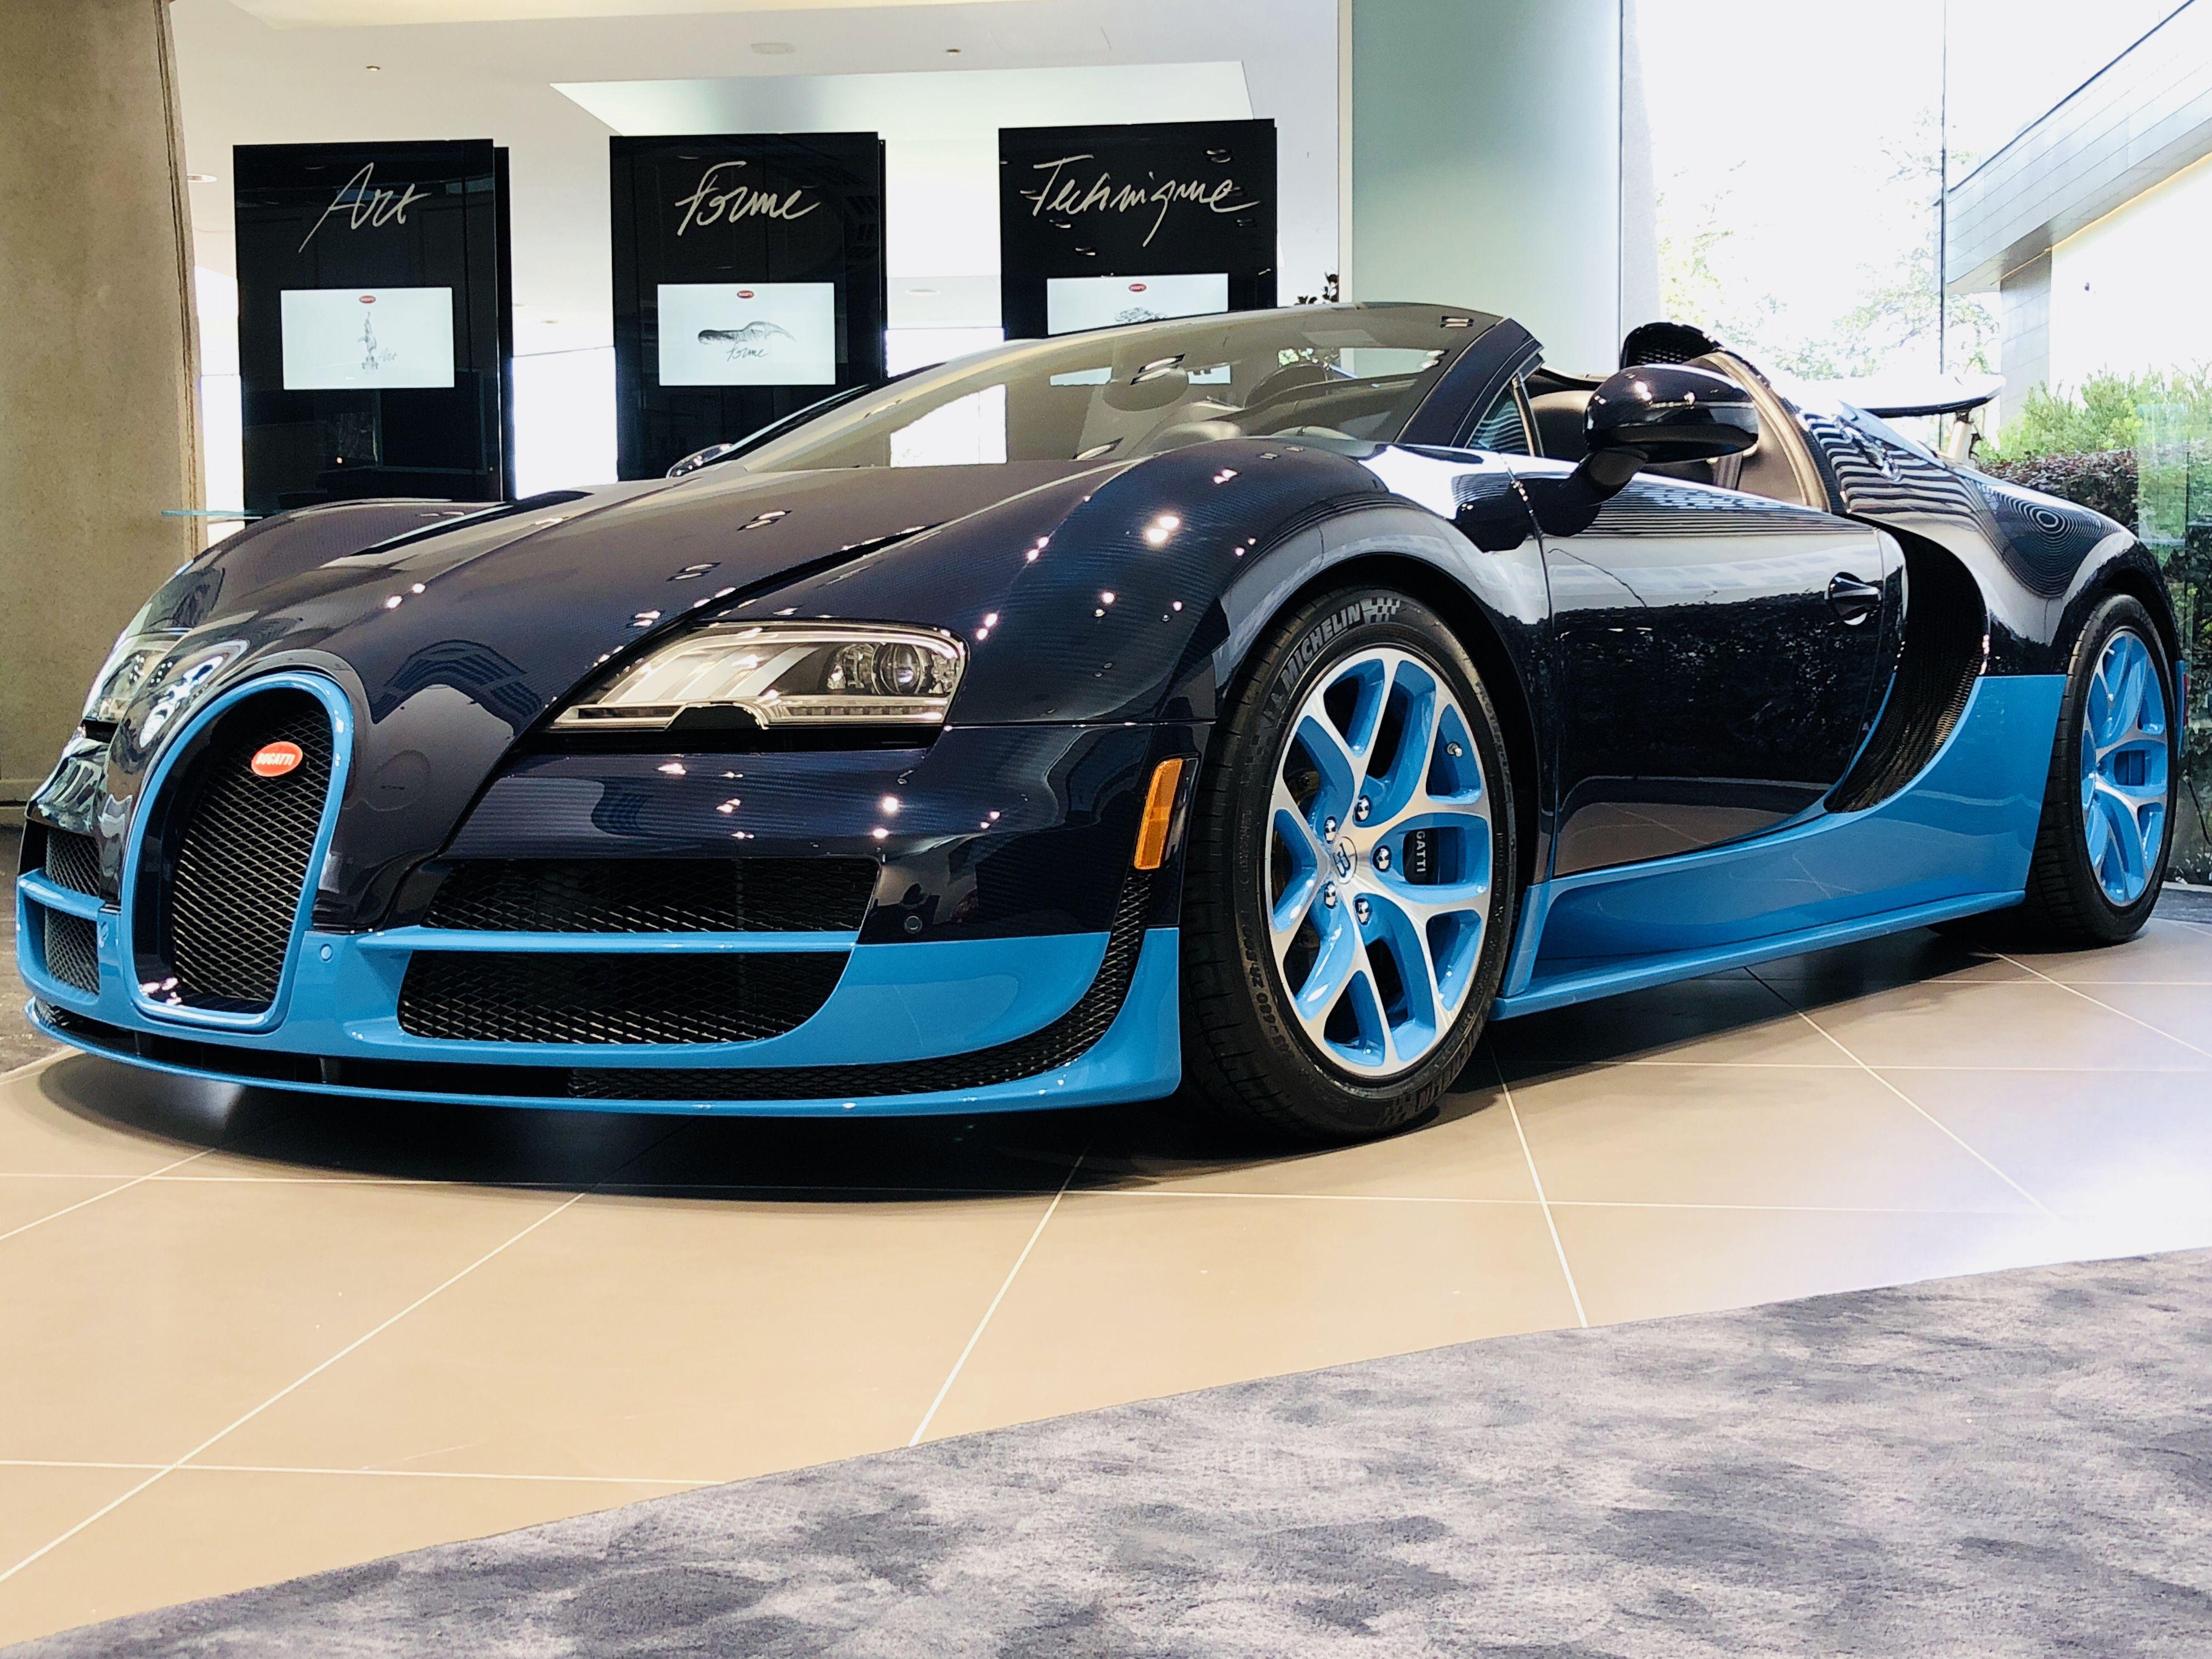 2012 Bugatti Veyron Grand Sport Vitesse From Bugatti Houston